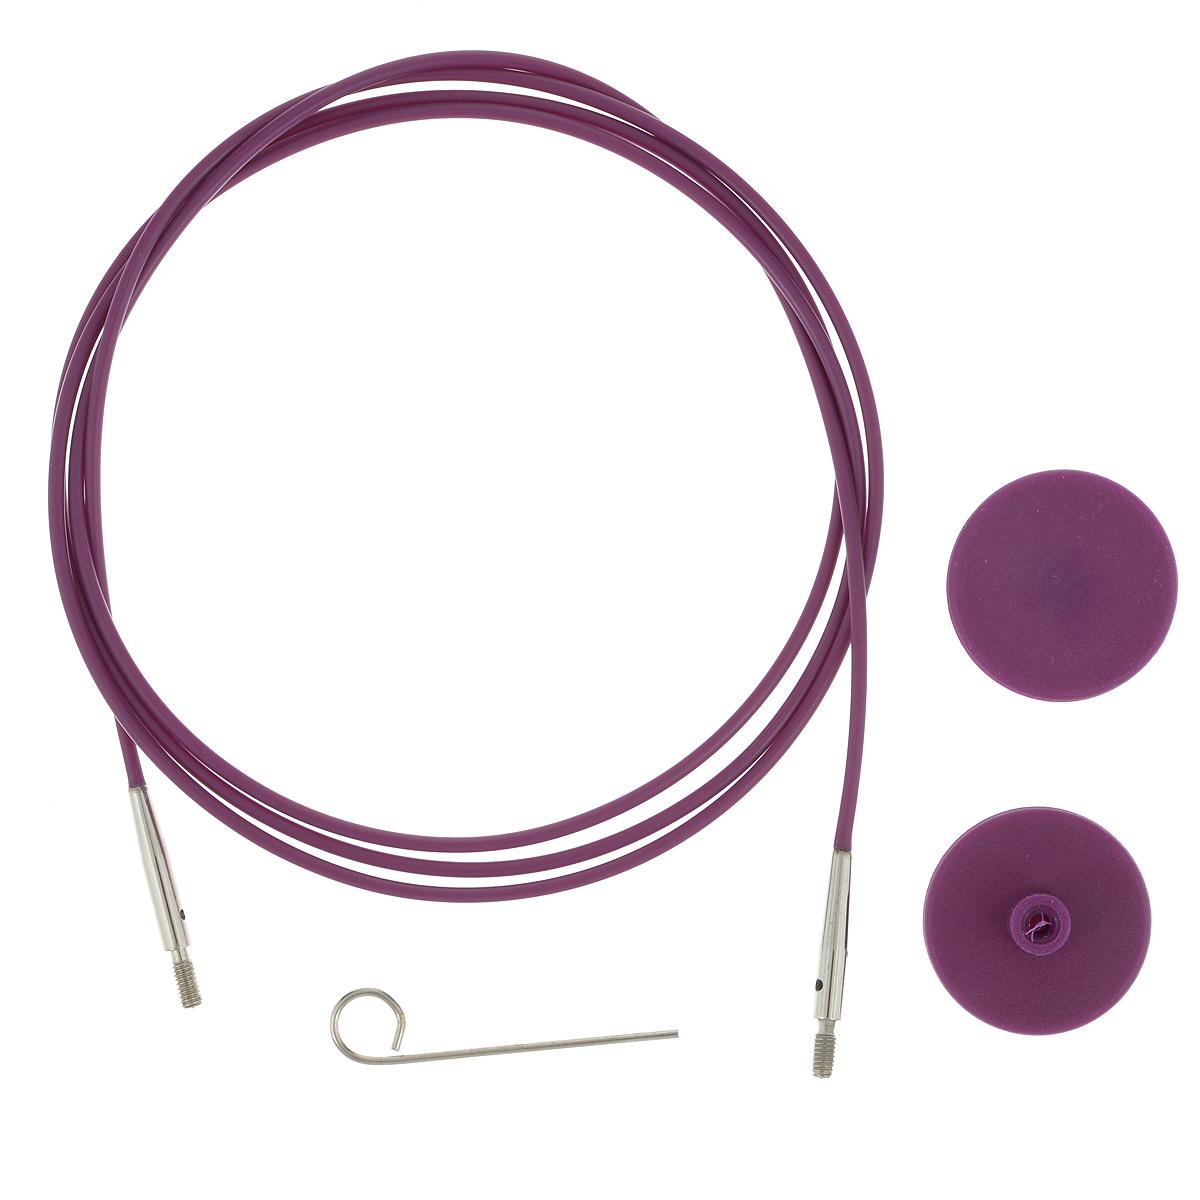 Тросик для съемных спиц KnitPro, с заглушками, цвет: фиолетовый, серебристый, длина 126 см цена